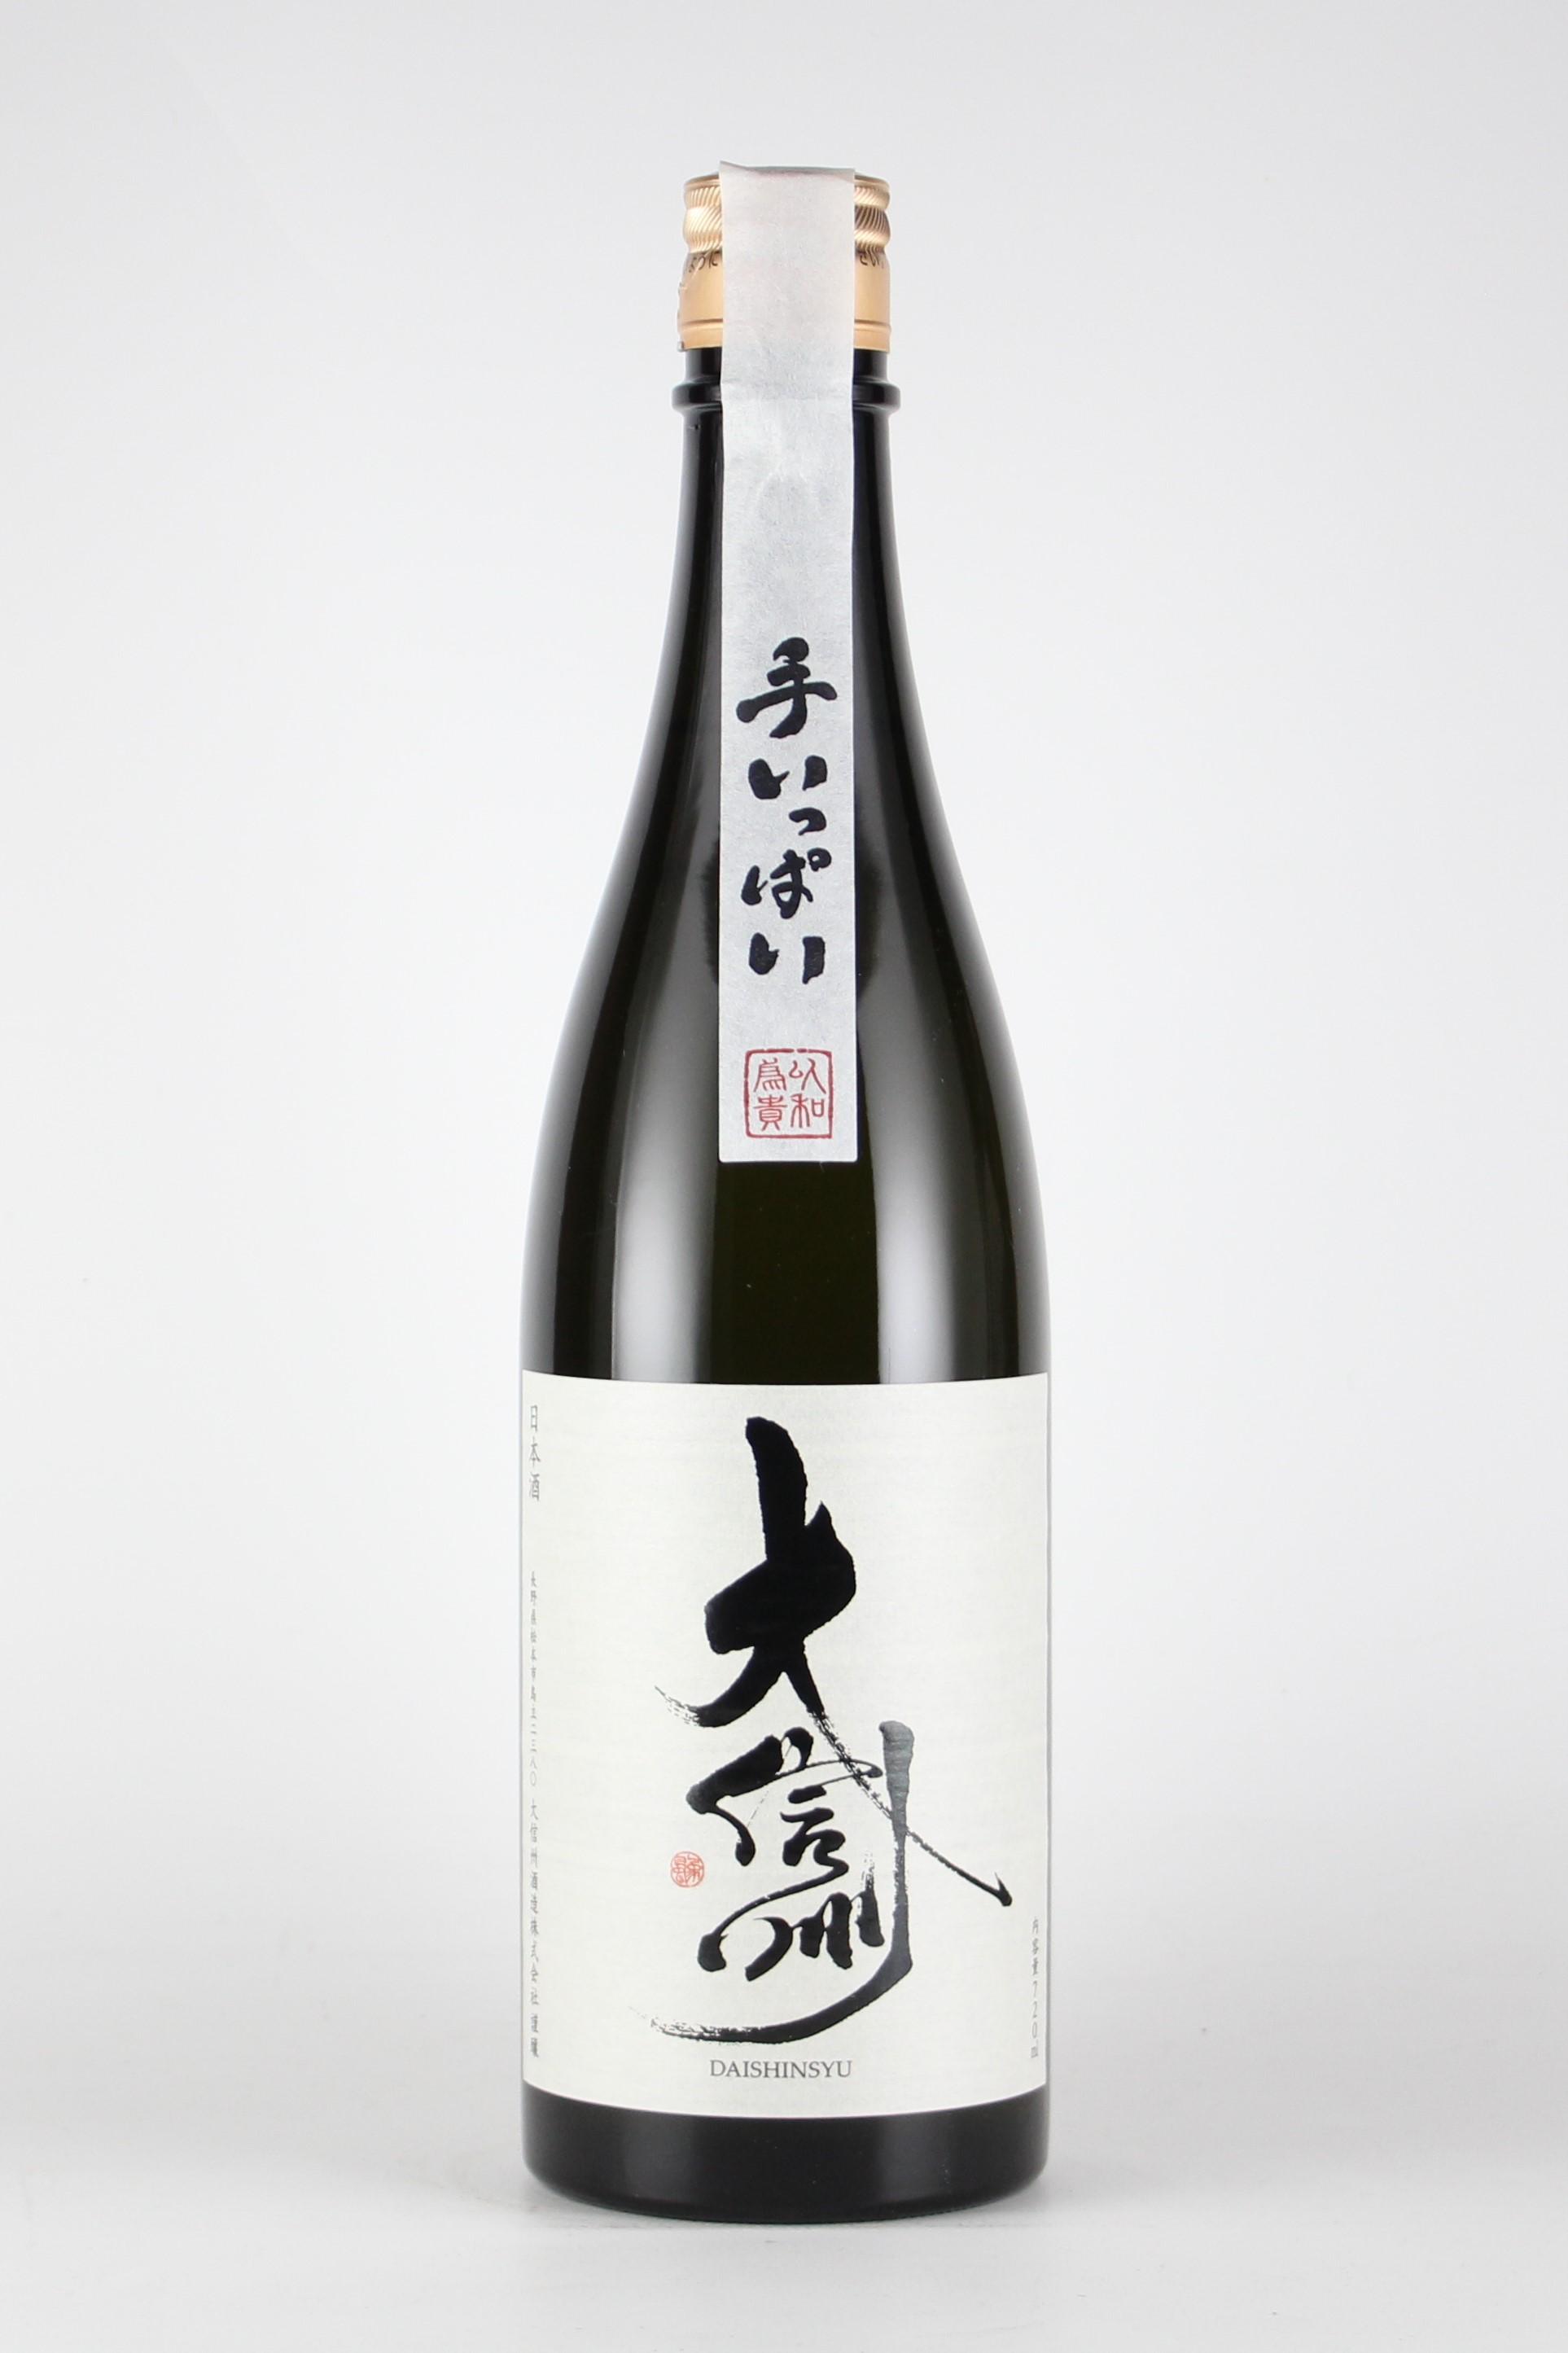 大信州 手いっぱい 純米大吟醸 720ml 【長野/大信州酒造】